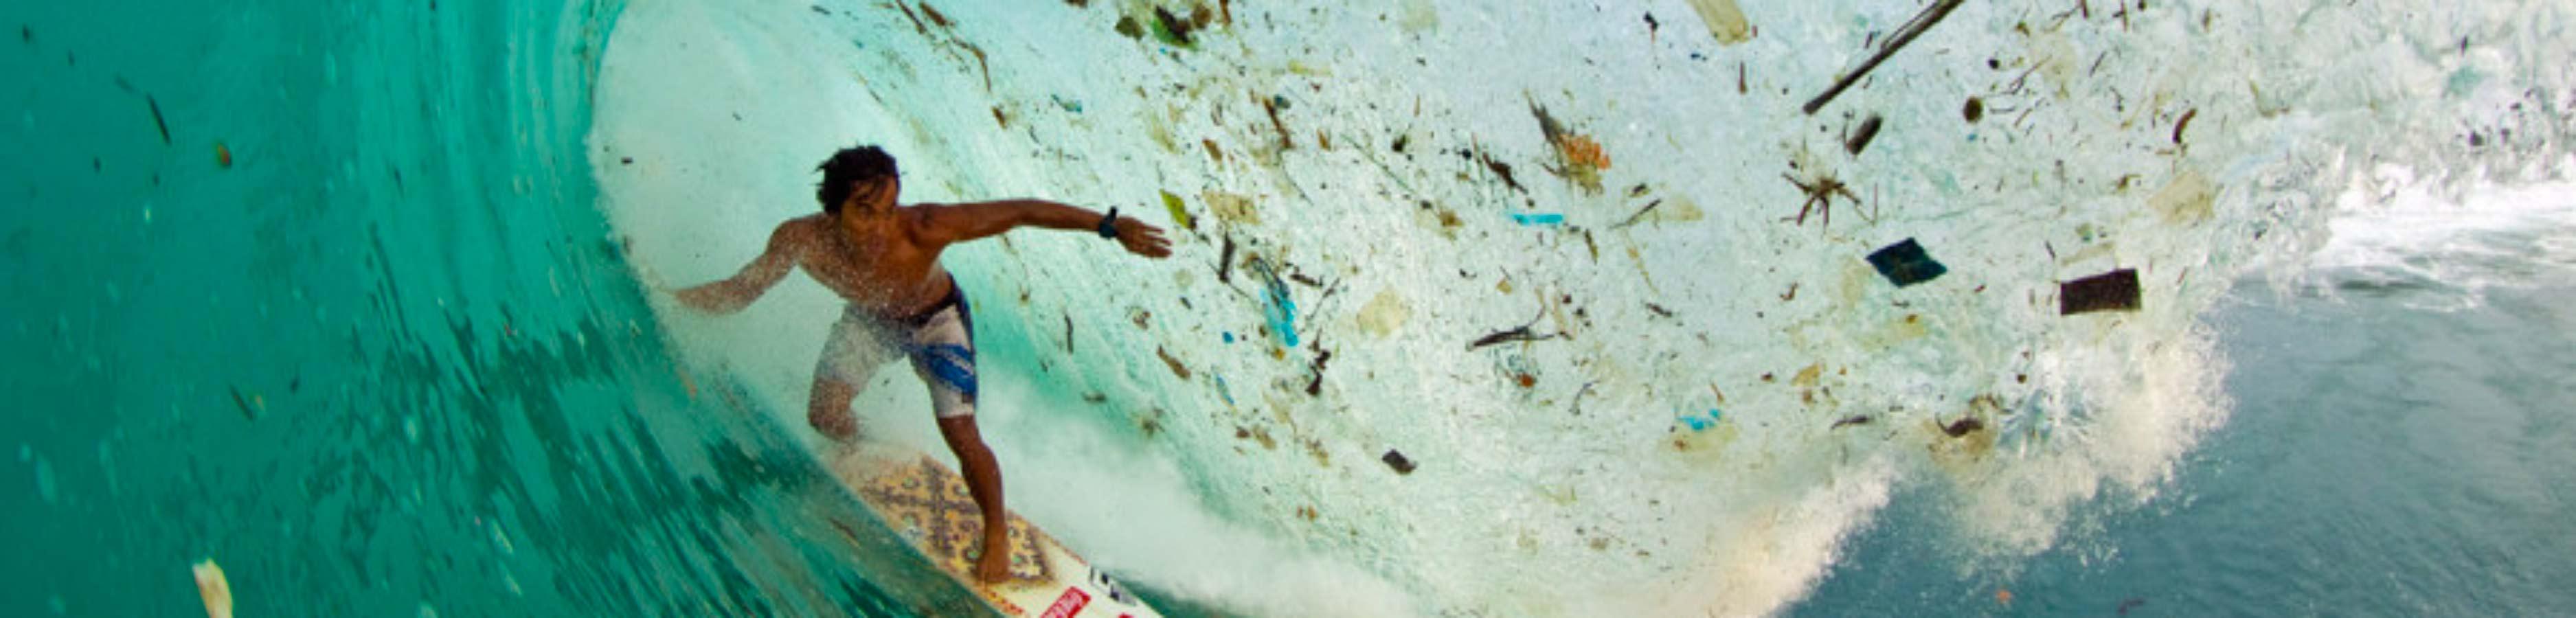 Surf Waste